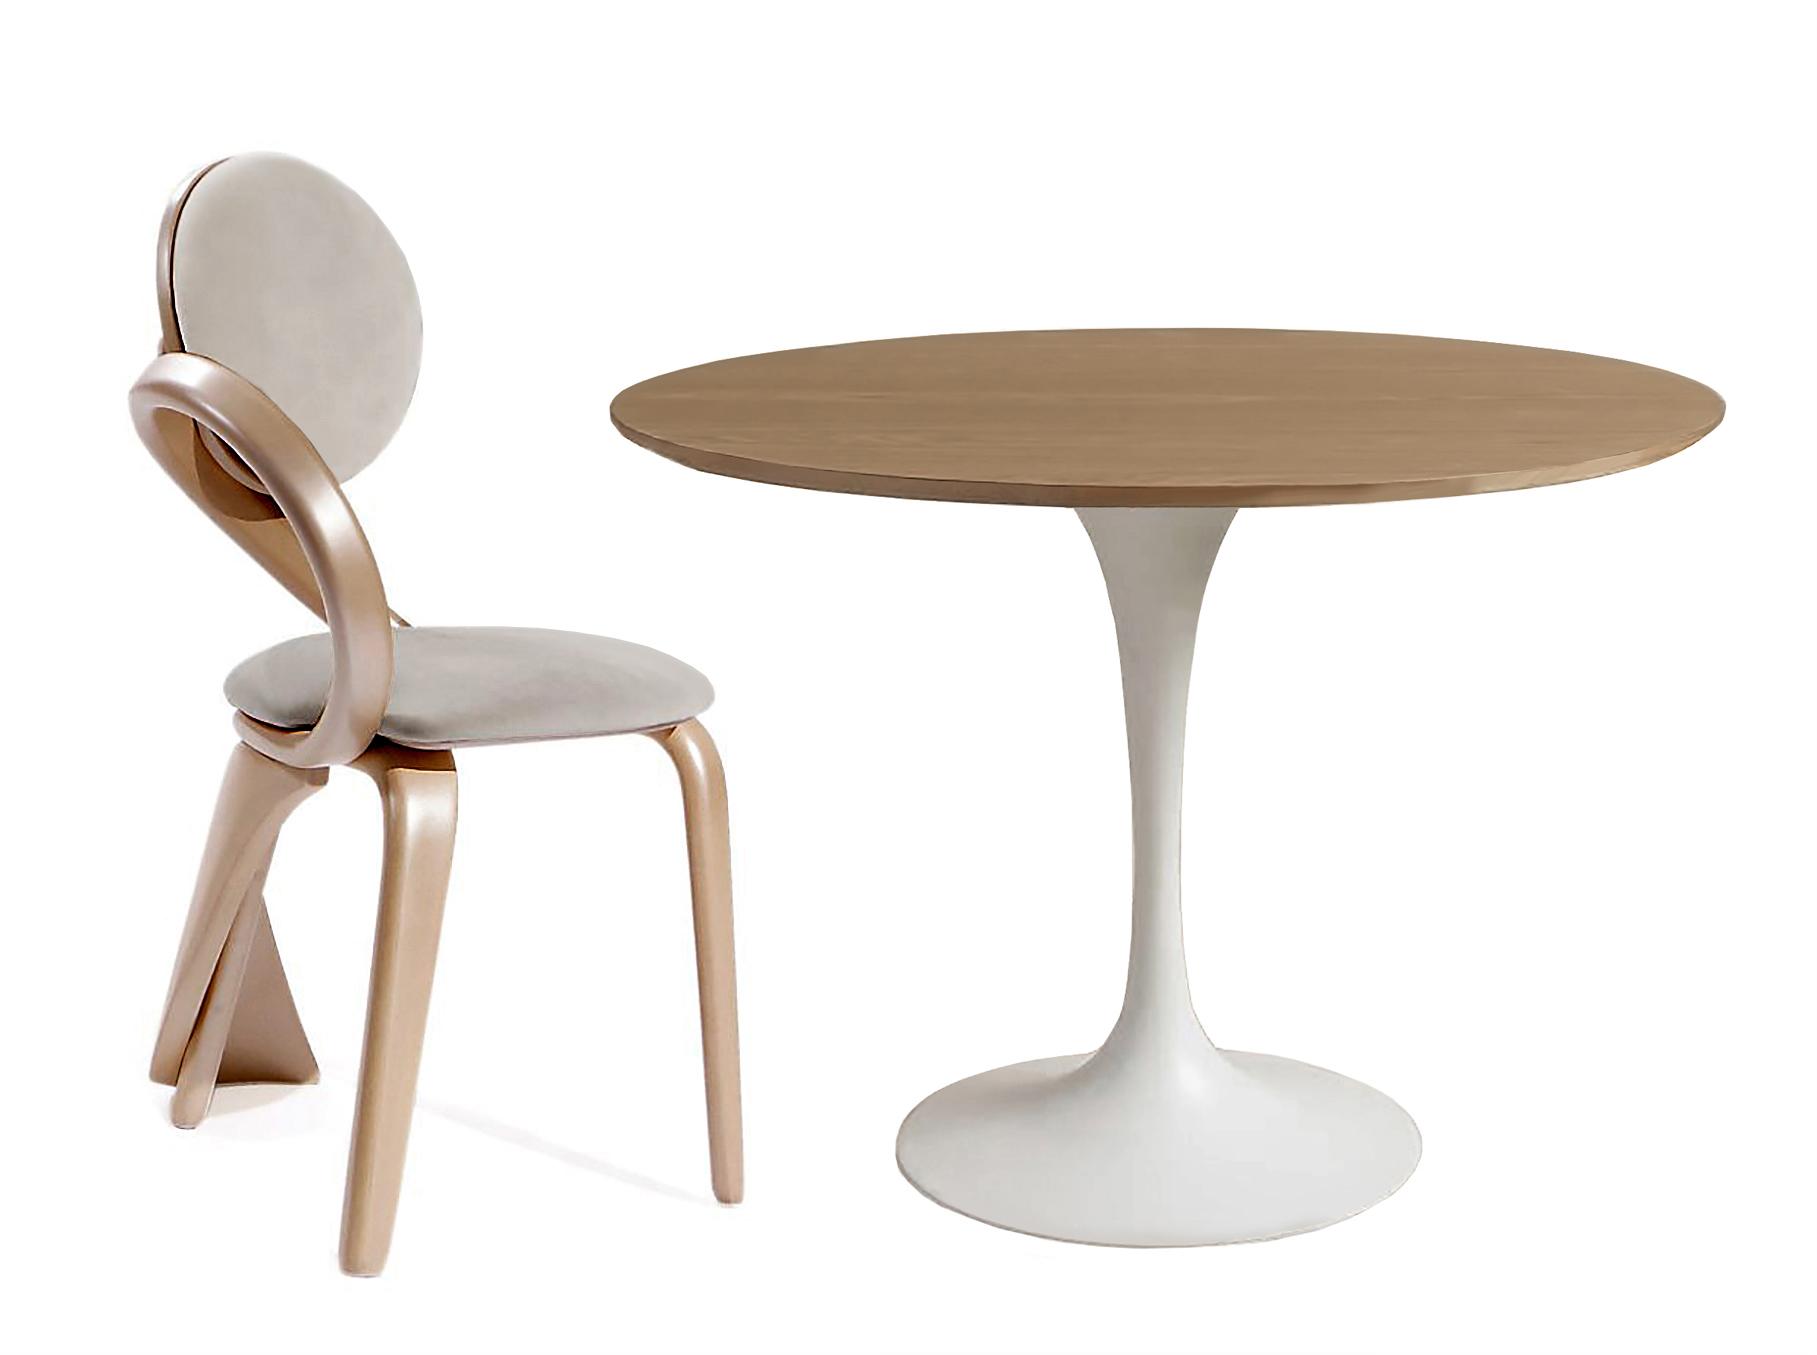 Обеденная группа Apriori TКомплекты для столовой<br>Обеденный круглый стол с лаконичным основанием из акрилового камня. <br>Стол в комплекте со стульями серии  &amp;quot;Бразо К&amp;quot;. Такой яркий деревянный стул будет актуален для современного интерьера или стиля лофт. Он отлично подойдёт для дома, лоджии, сада, а также для кафе и баров.&amp;lt;div&amp;gt;&amp;lt;br&amp;gt;&amp;lt;/div&amp;gt;&amp;lt;div&amp;gt;Размеры стола : 90/77 см.&amp;lt;/div&amp;gt;&amp;lt;div&amp;gt;Материал стола: акриловый камень&amp;amp;nbsp;&amp;lt;/div&amp;gt;&amp;lt;div&amp;gt;Размеры стула: 54х55х86 см.&amp;amp;nbsp;&amp;lt;/div&amp;gt;&amp;lt;div&amp;gt;Материал стула: массив березы.&amp;amp;nbsp;&amp;lt;/div&amp;gt;&amp;lt;div&amp;gt;&amp;lt;br&amp;gt;&amp;lt;/div&amp;gt;<br><br>Material: Дерево<br>Ширина см: 55.0<br>Высота см: 86.0<br>Глубина см: 54.0